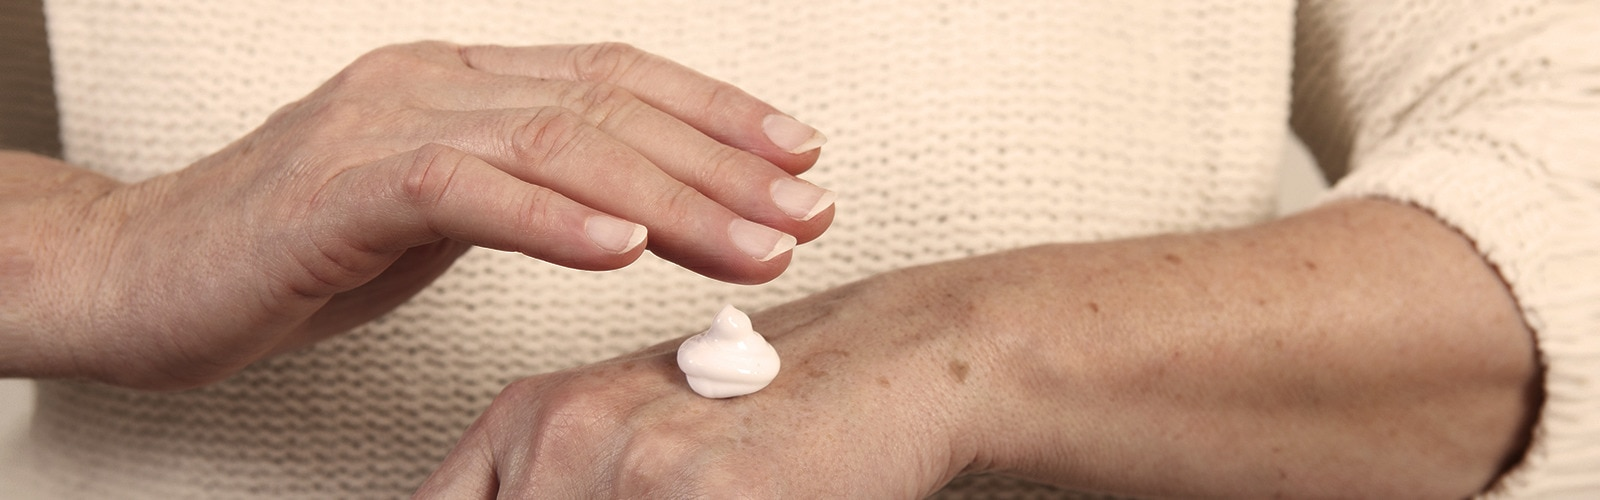 Жінка літнього віку наносить зволожувальний крем: підтримуйте здоров'я шкіри ваших близьких